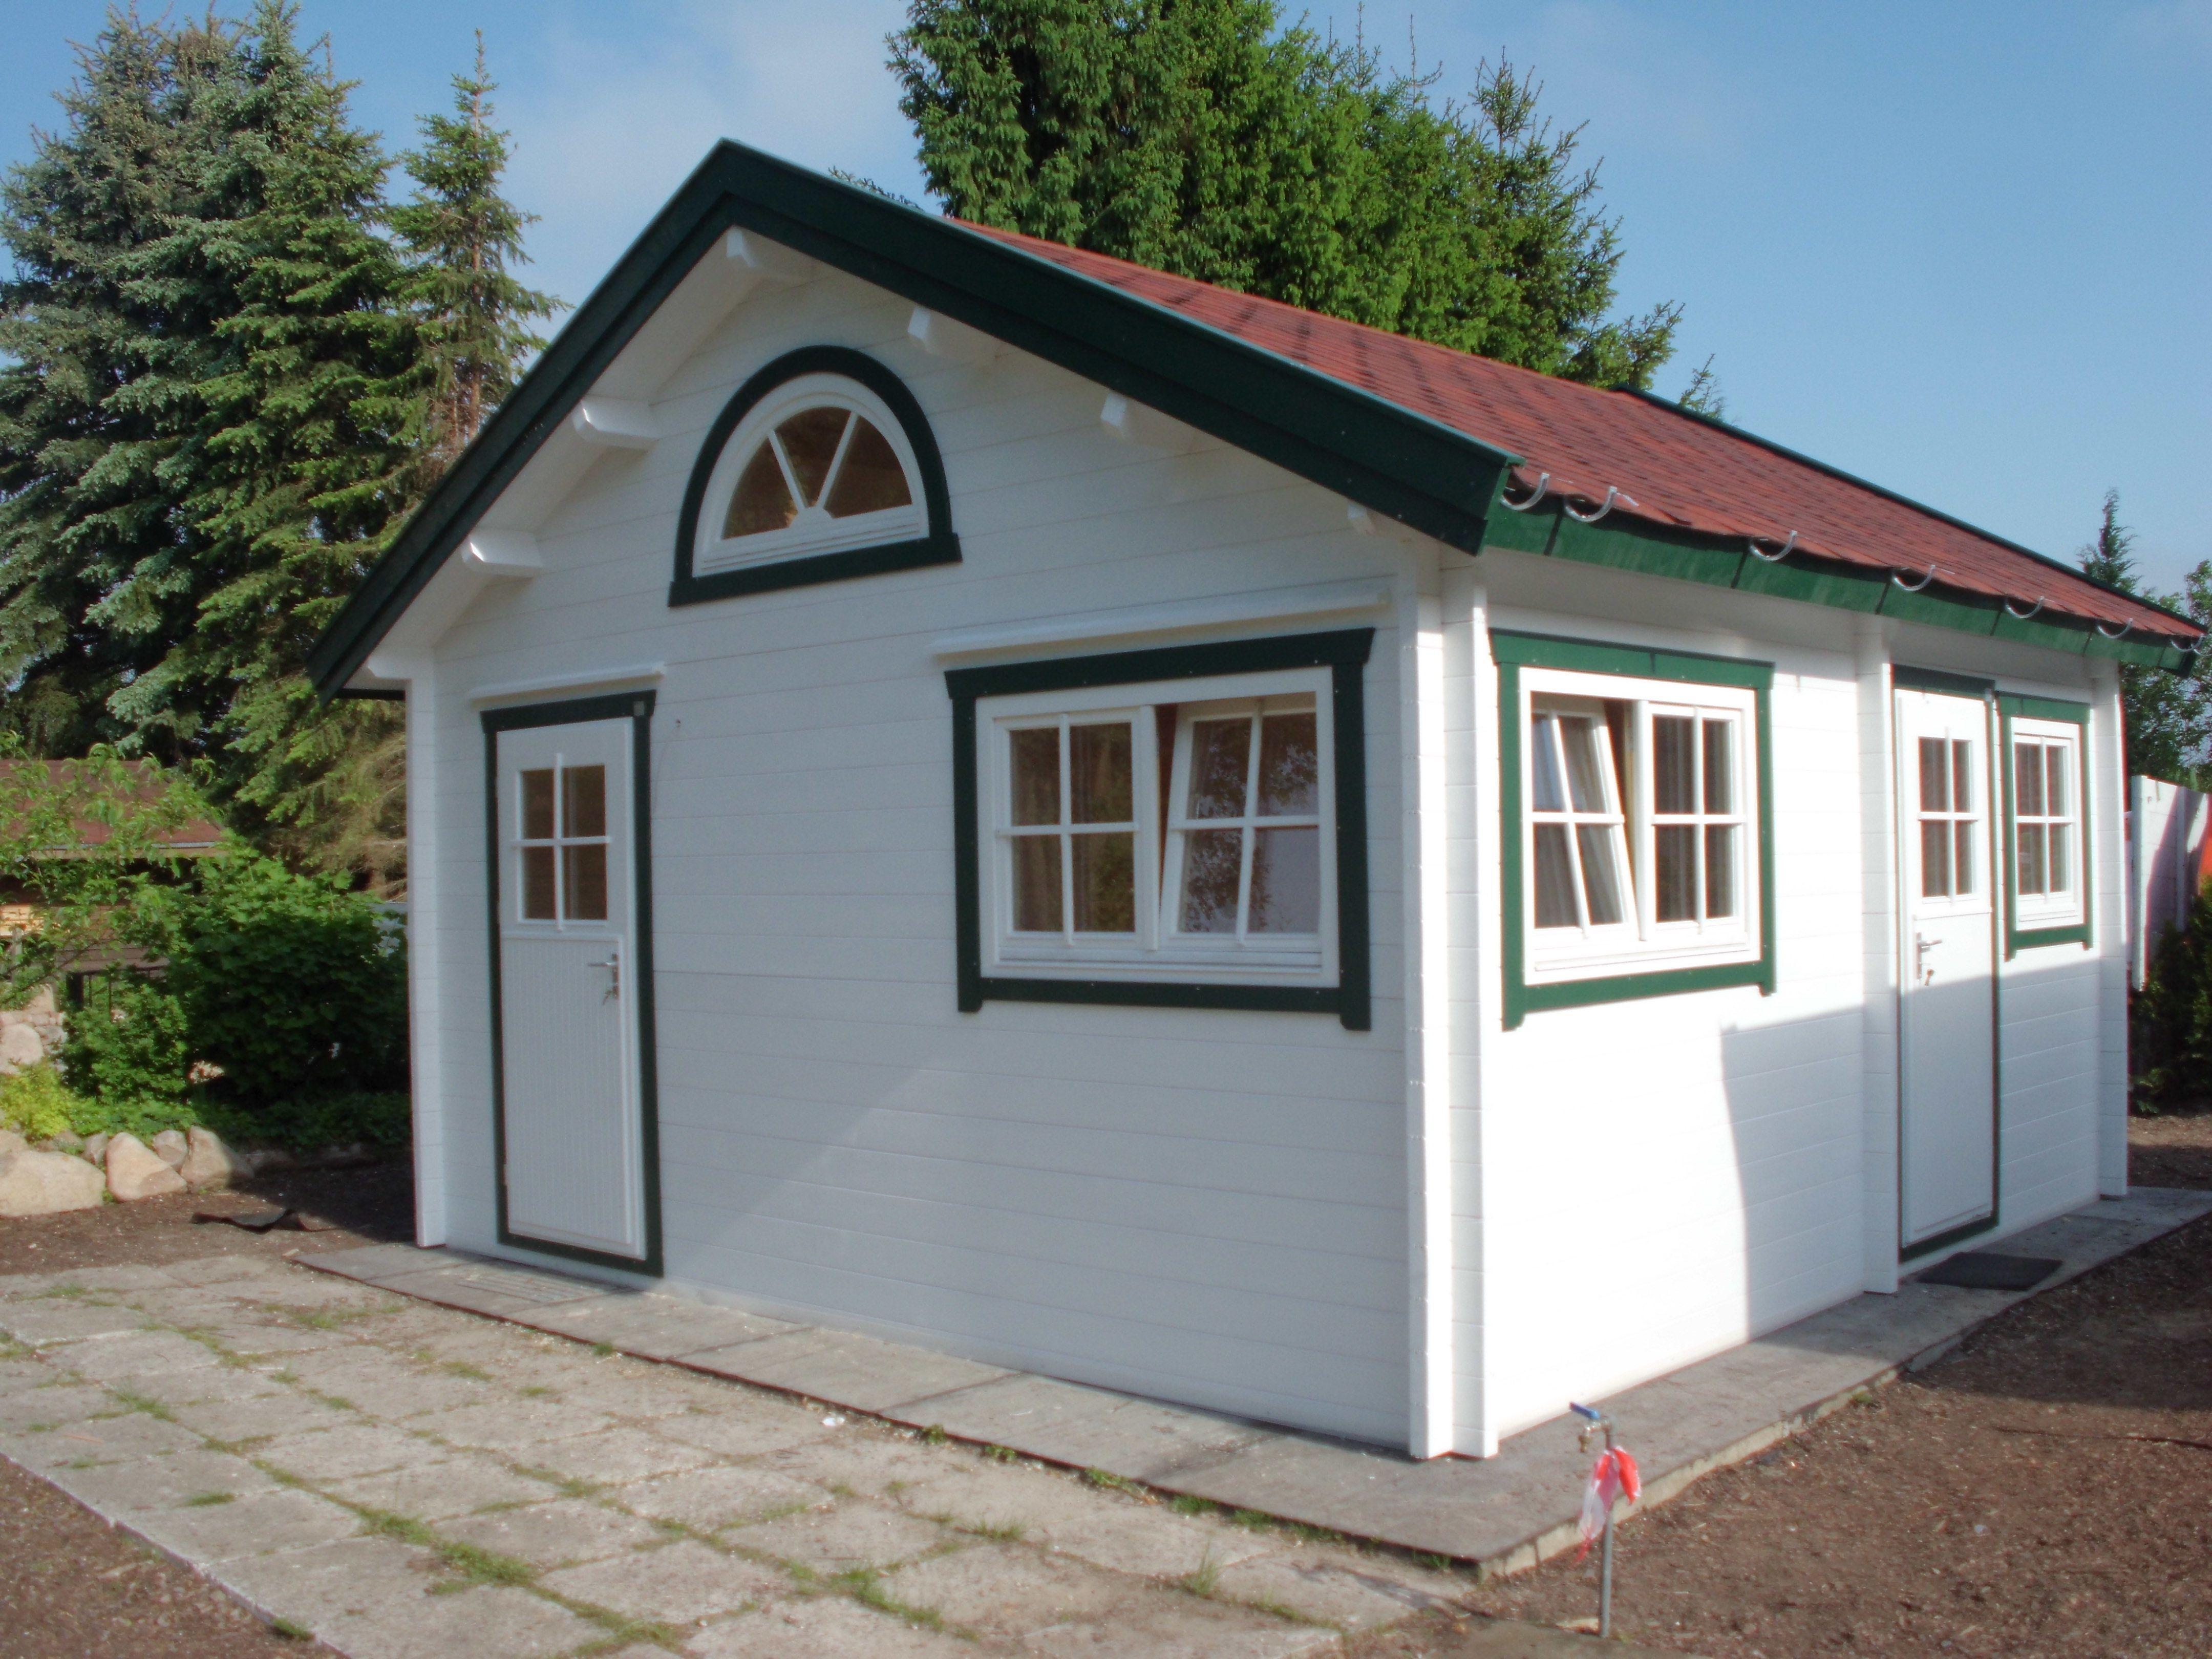 Pin von Grave Holzhäuser auf Gartenblockhäuser Haus